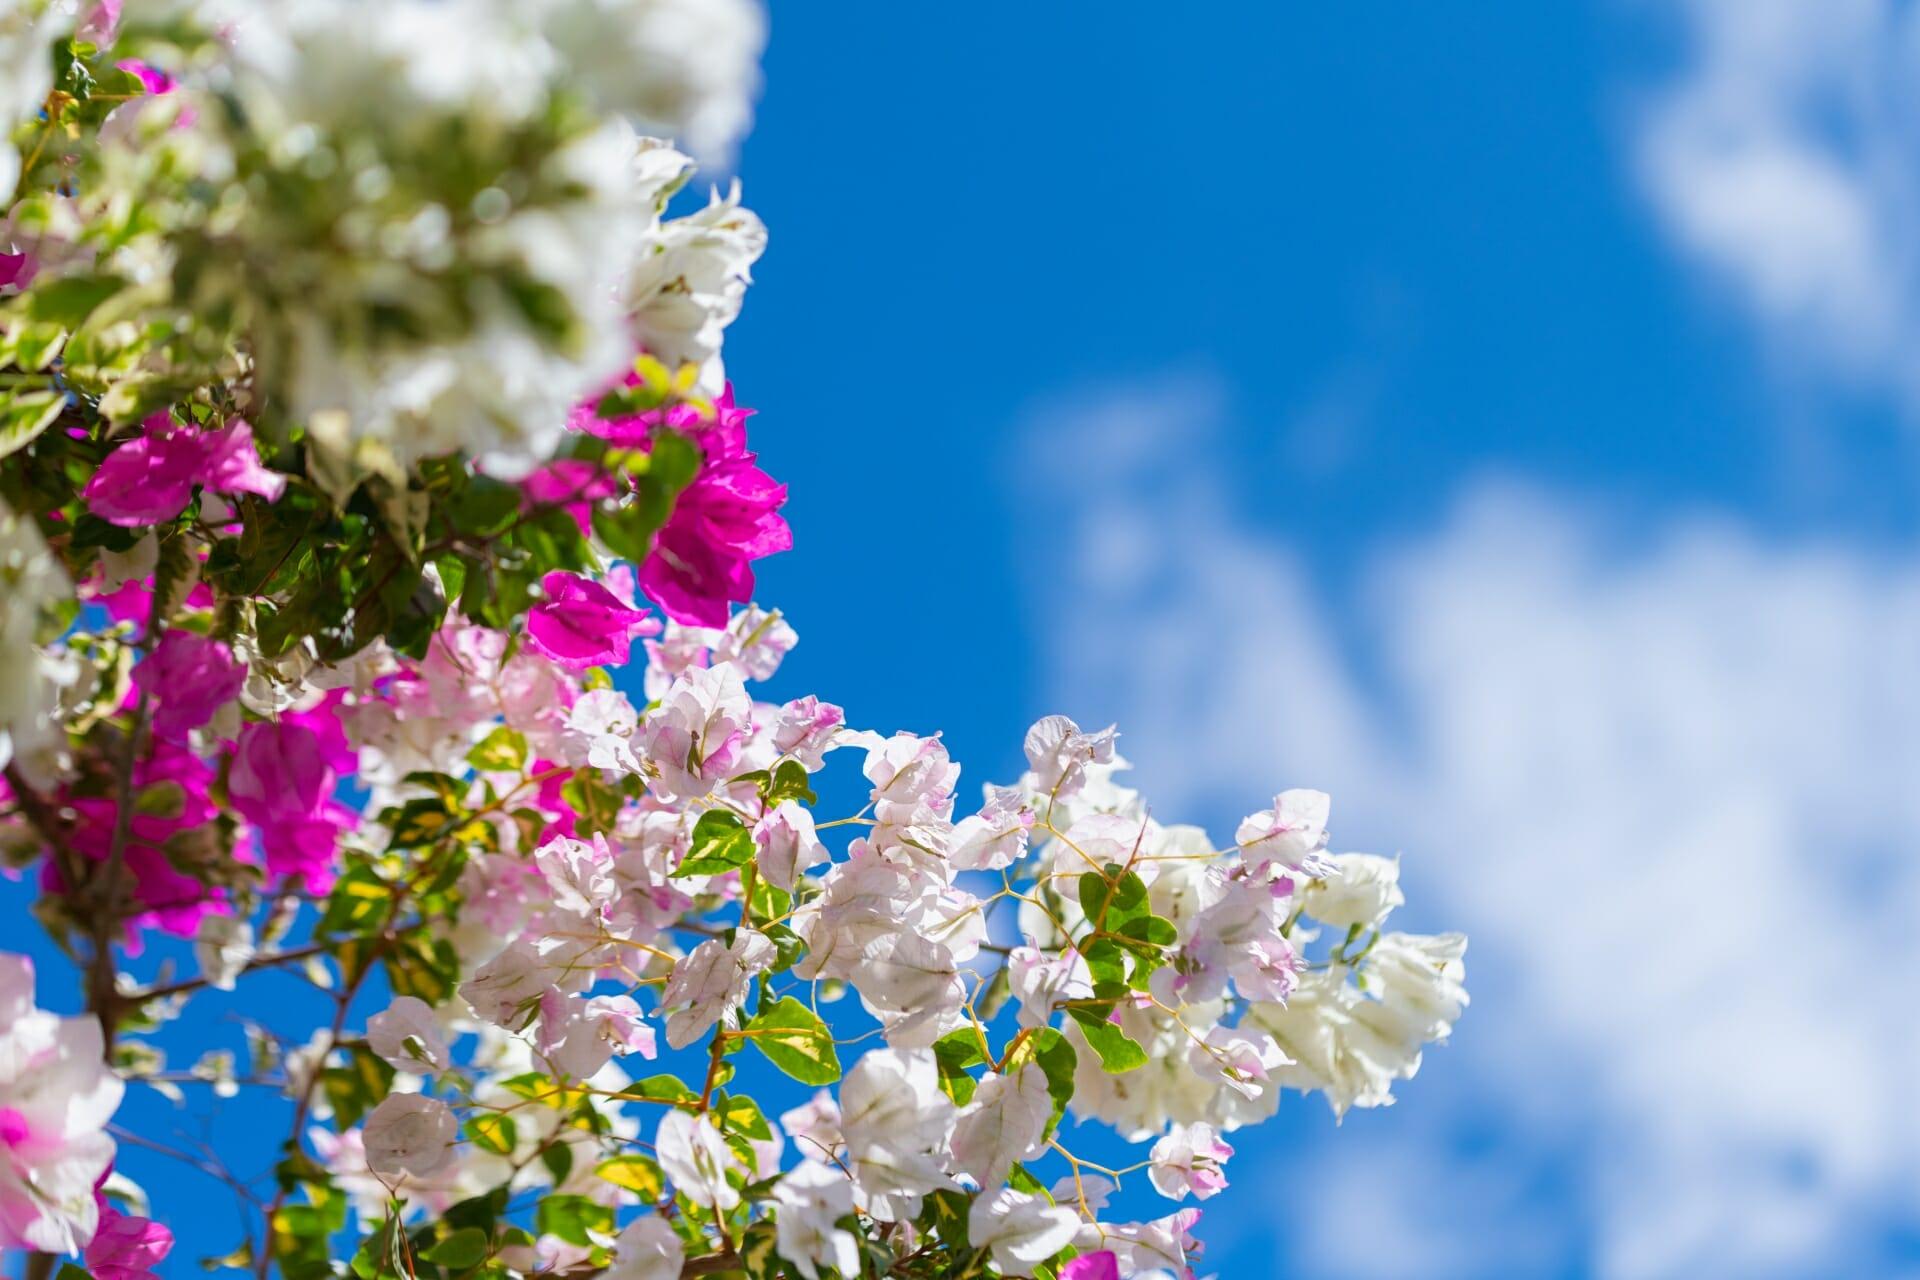 青空と白、ピンクのブーゲンビリア(ブーゲンビレア)